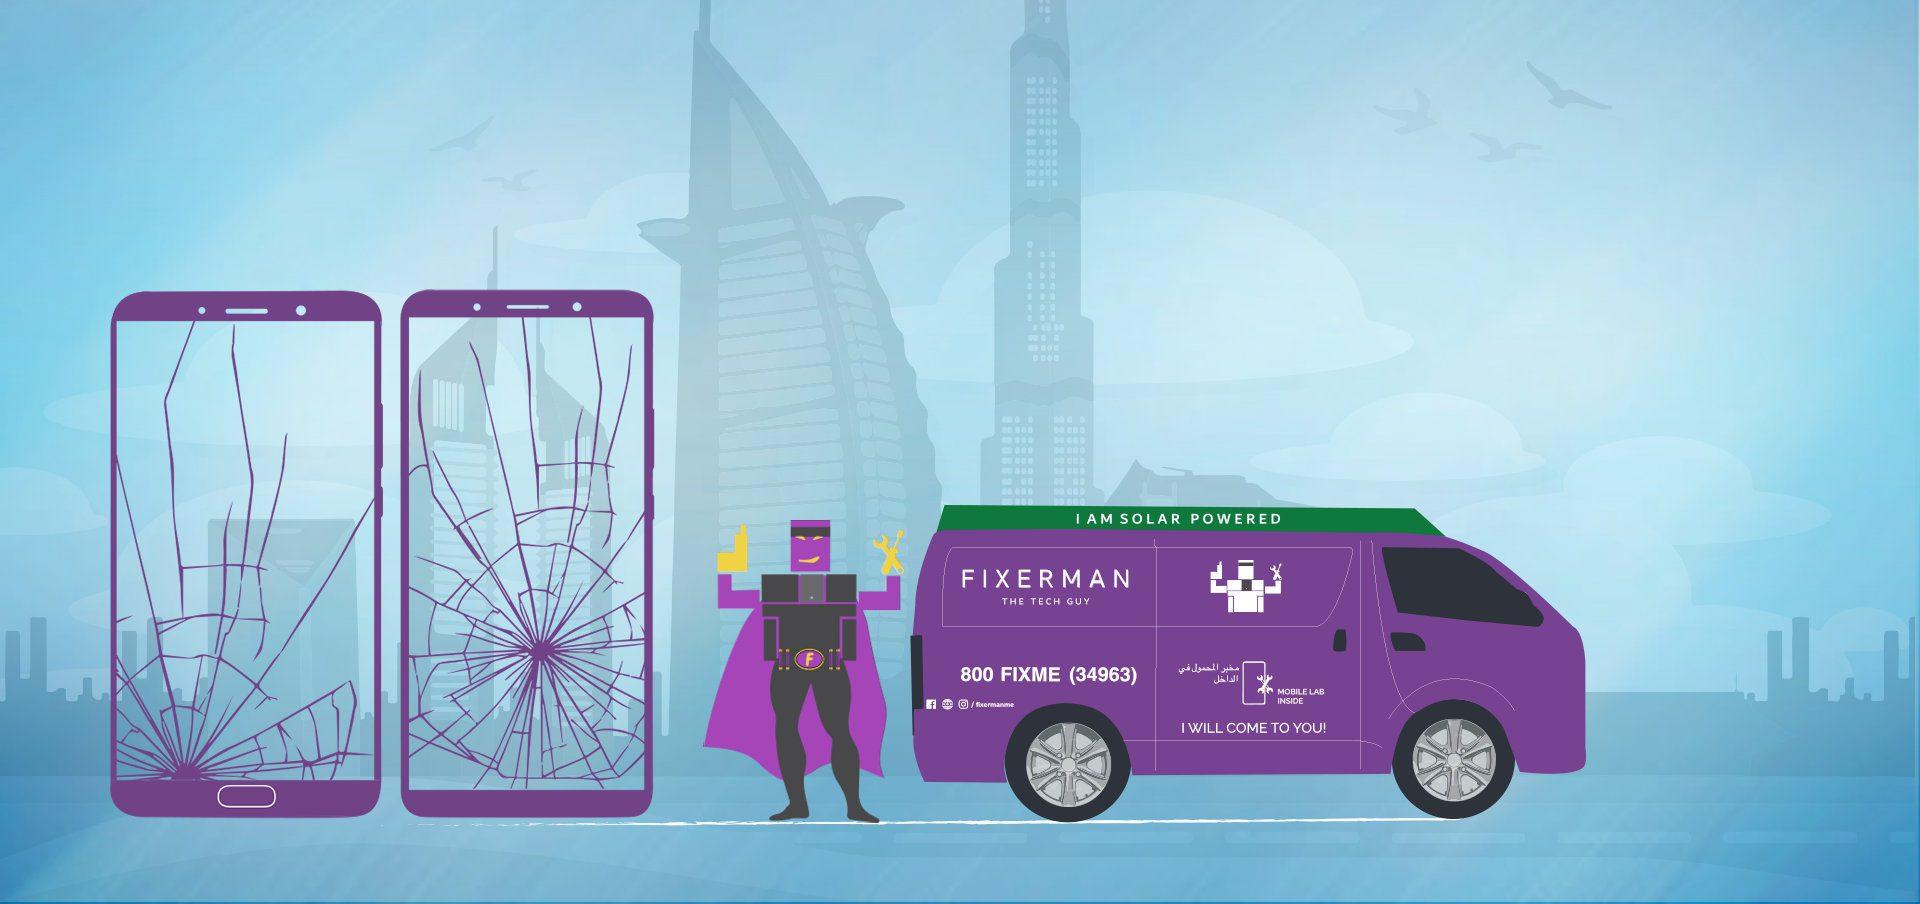 Huawei Mate 10 Repair in Dubai